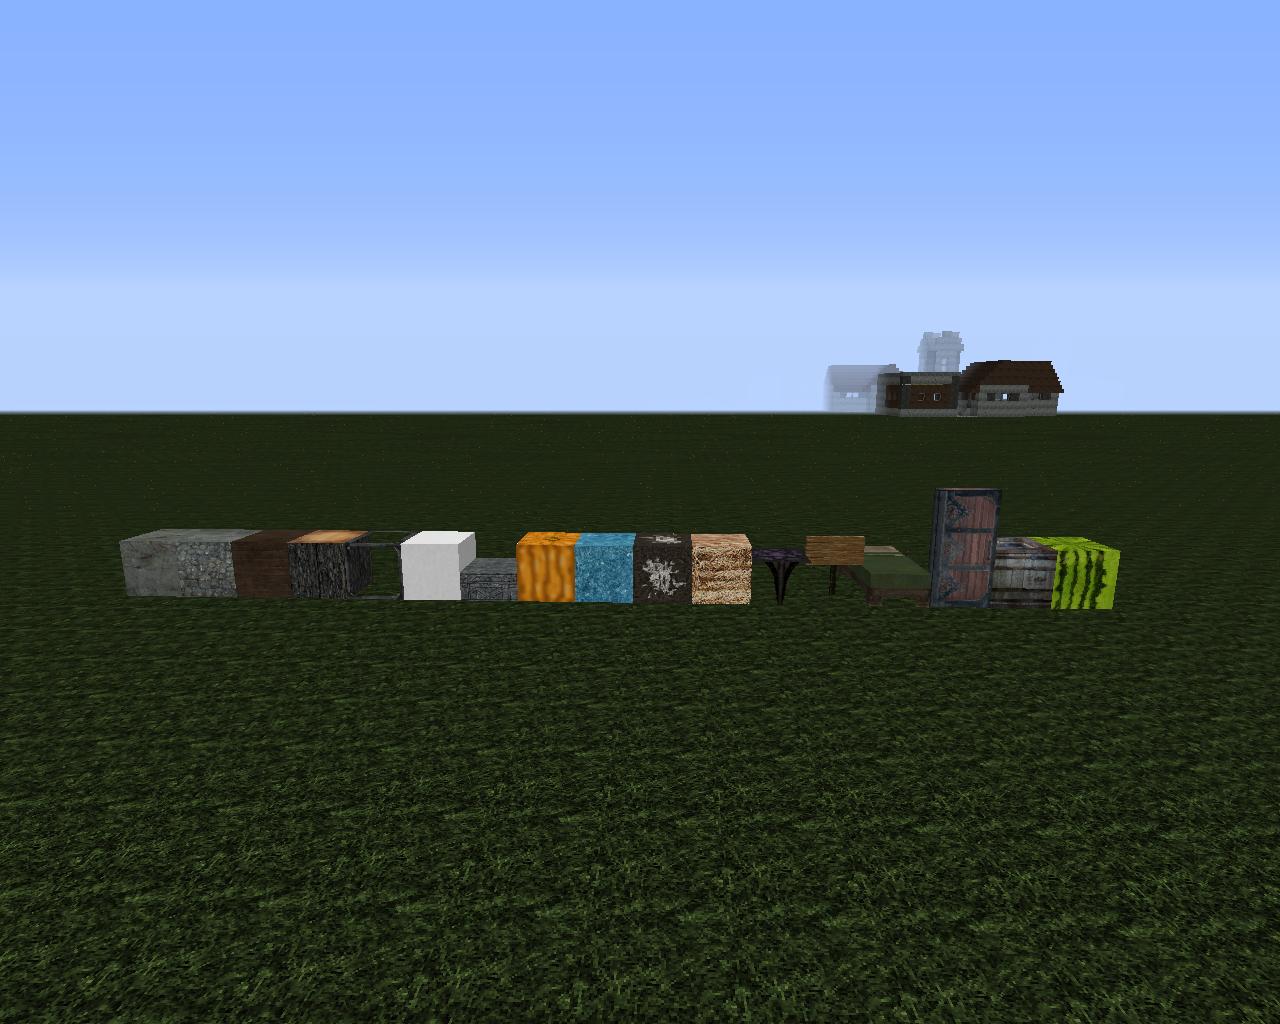 fr-minecraft_texture_QQD1_2014-03-07-10-48-19.png